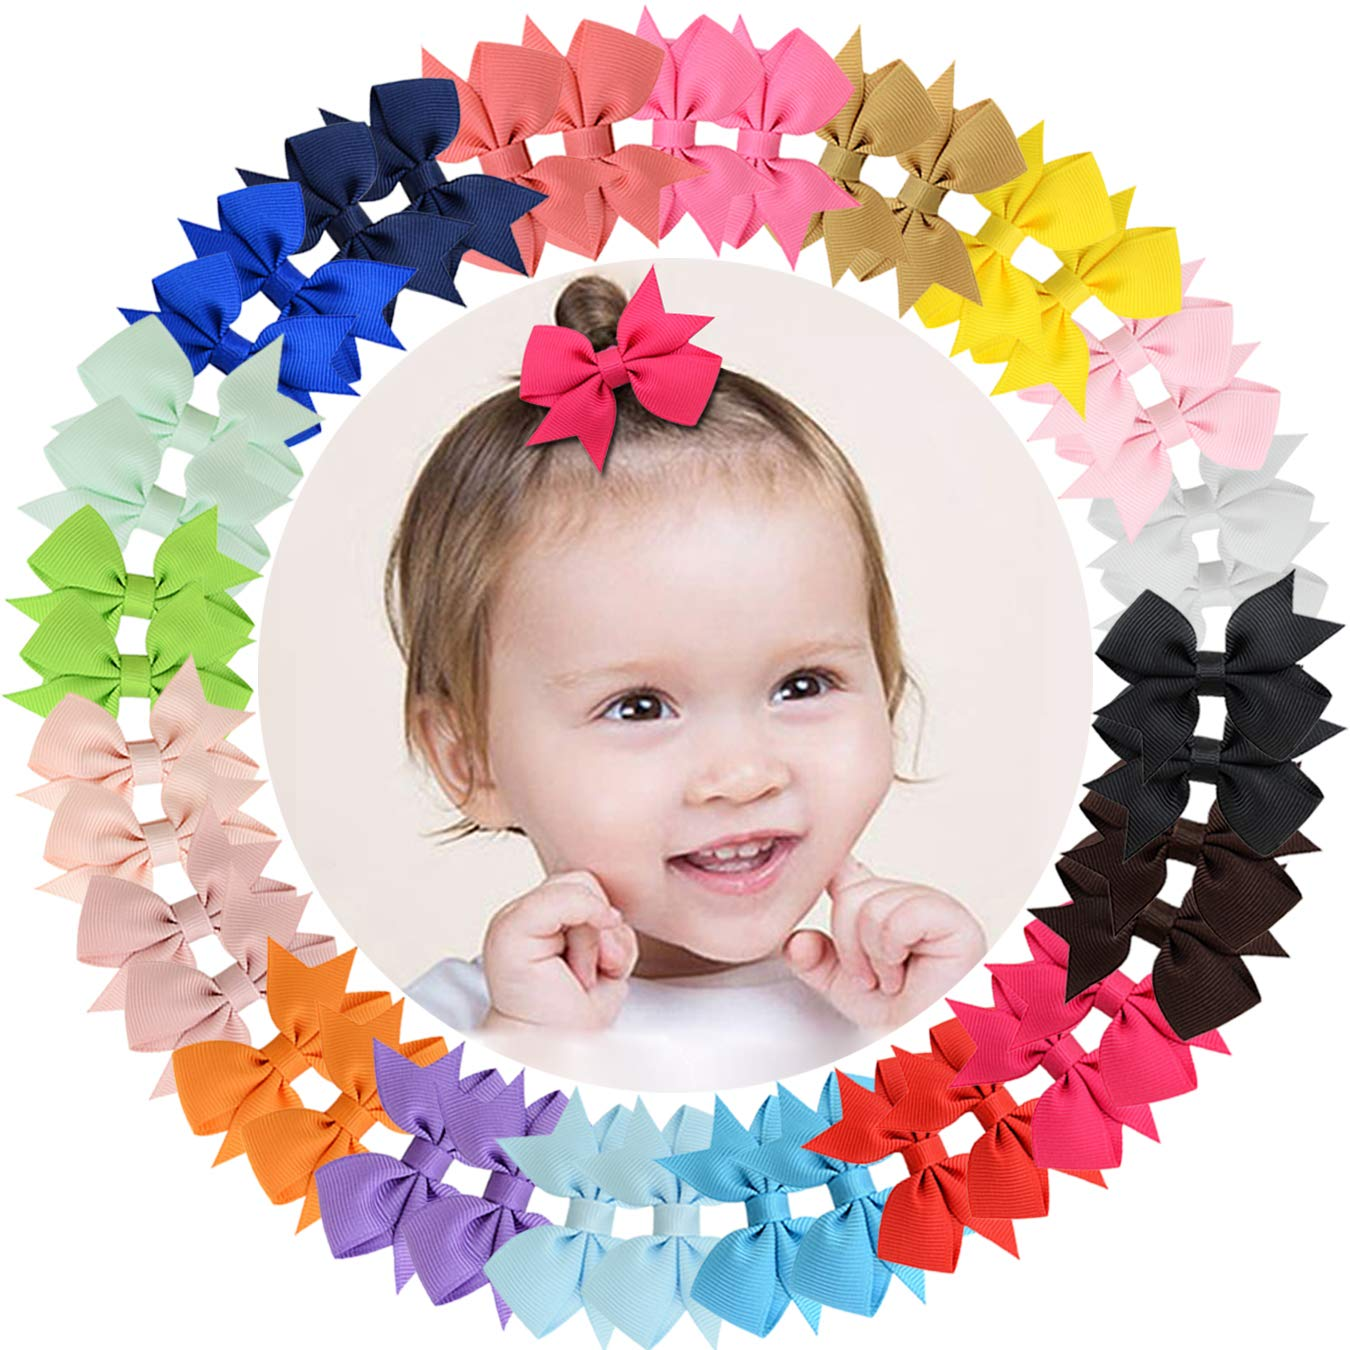 40 Pcs 3 inch Grosgrain Ribbon Baby Hair Bows Alligator Clips Hair Accessories